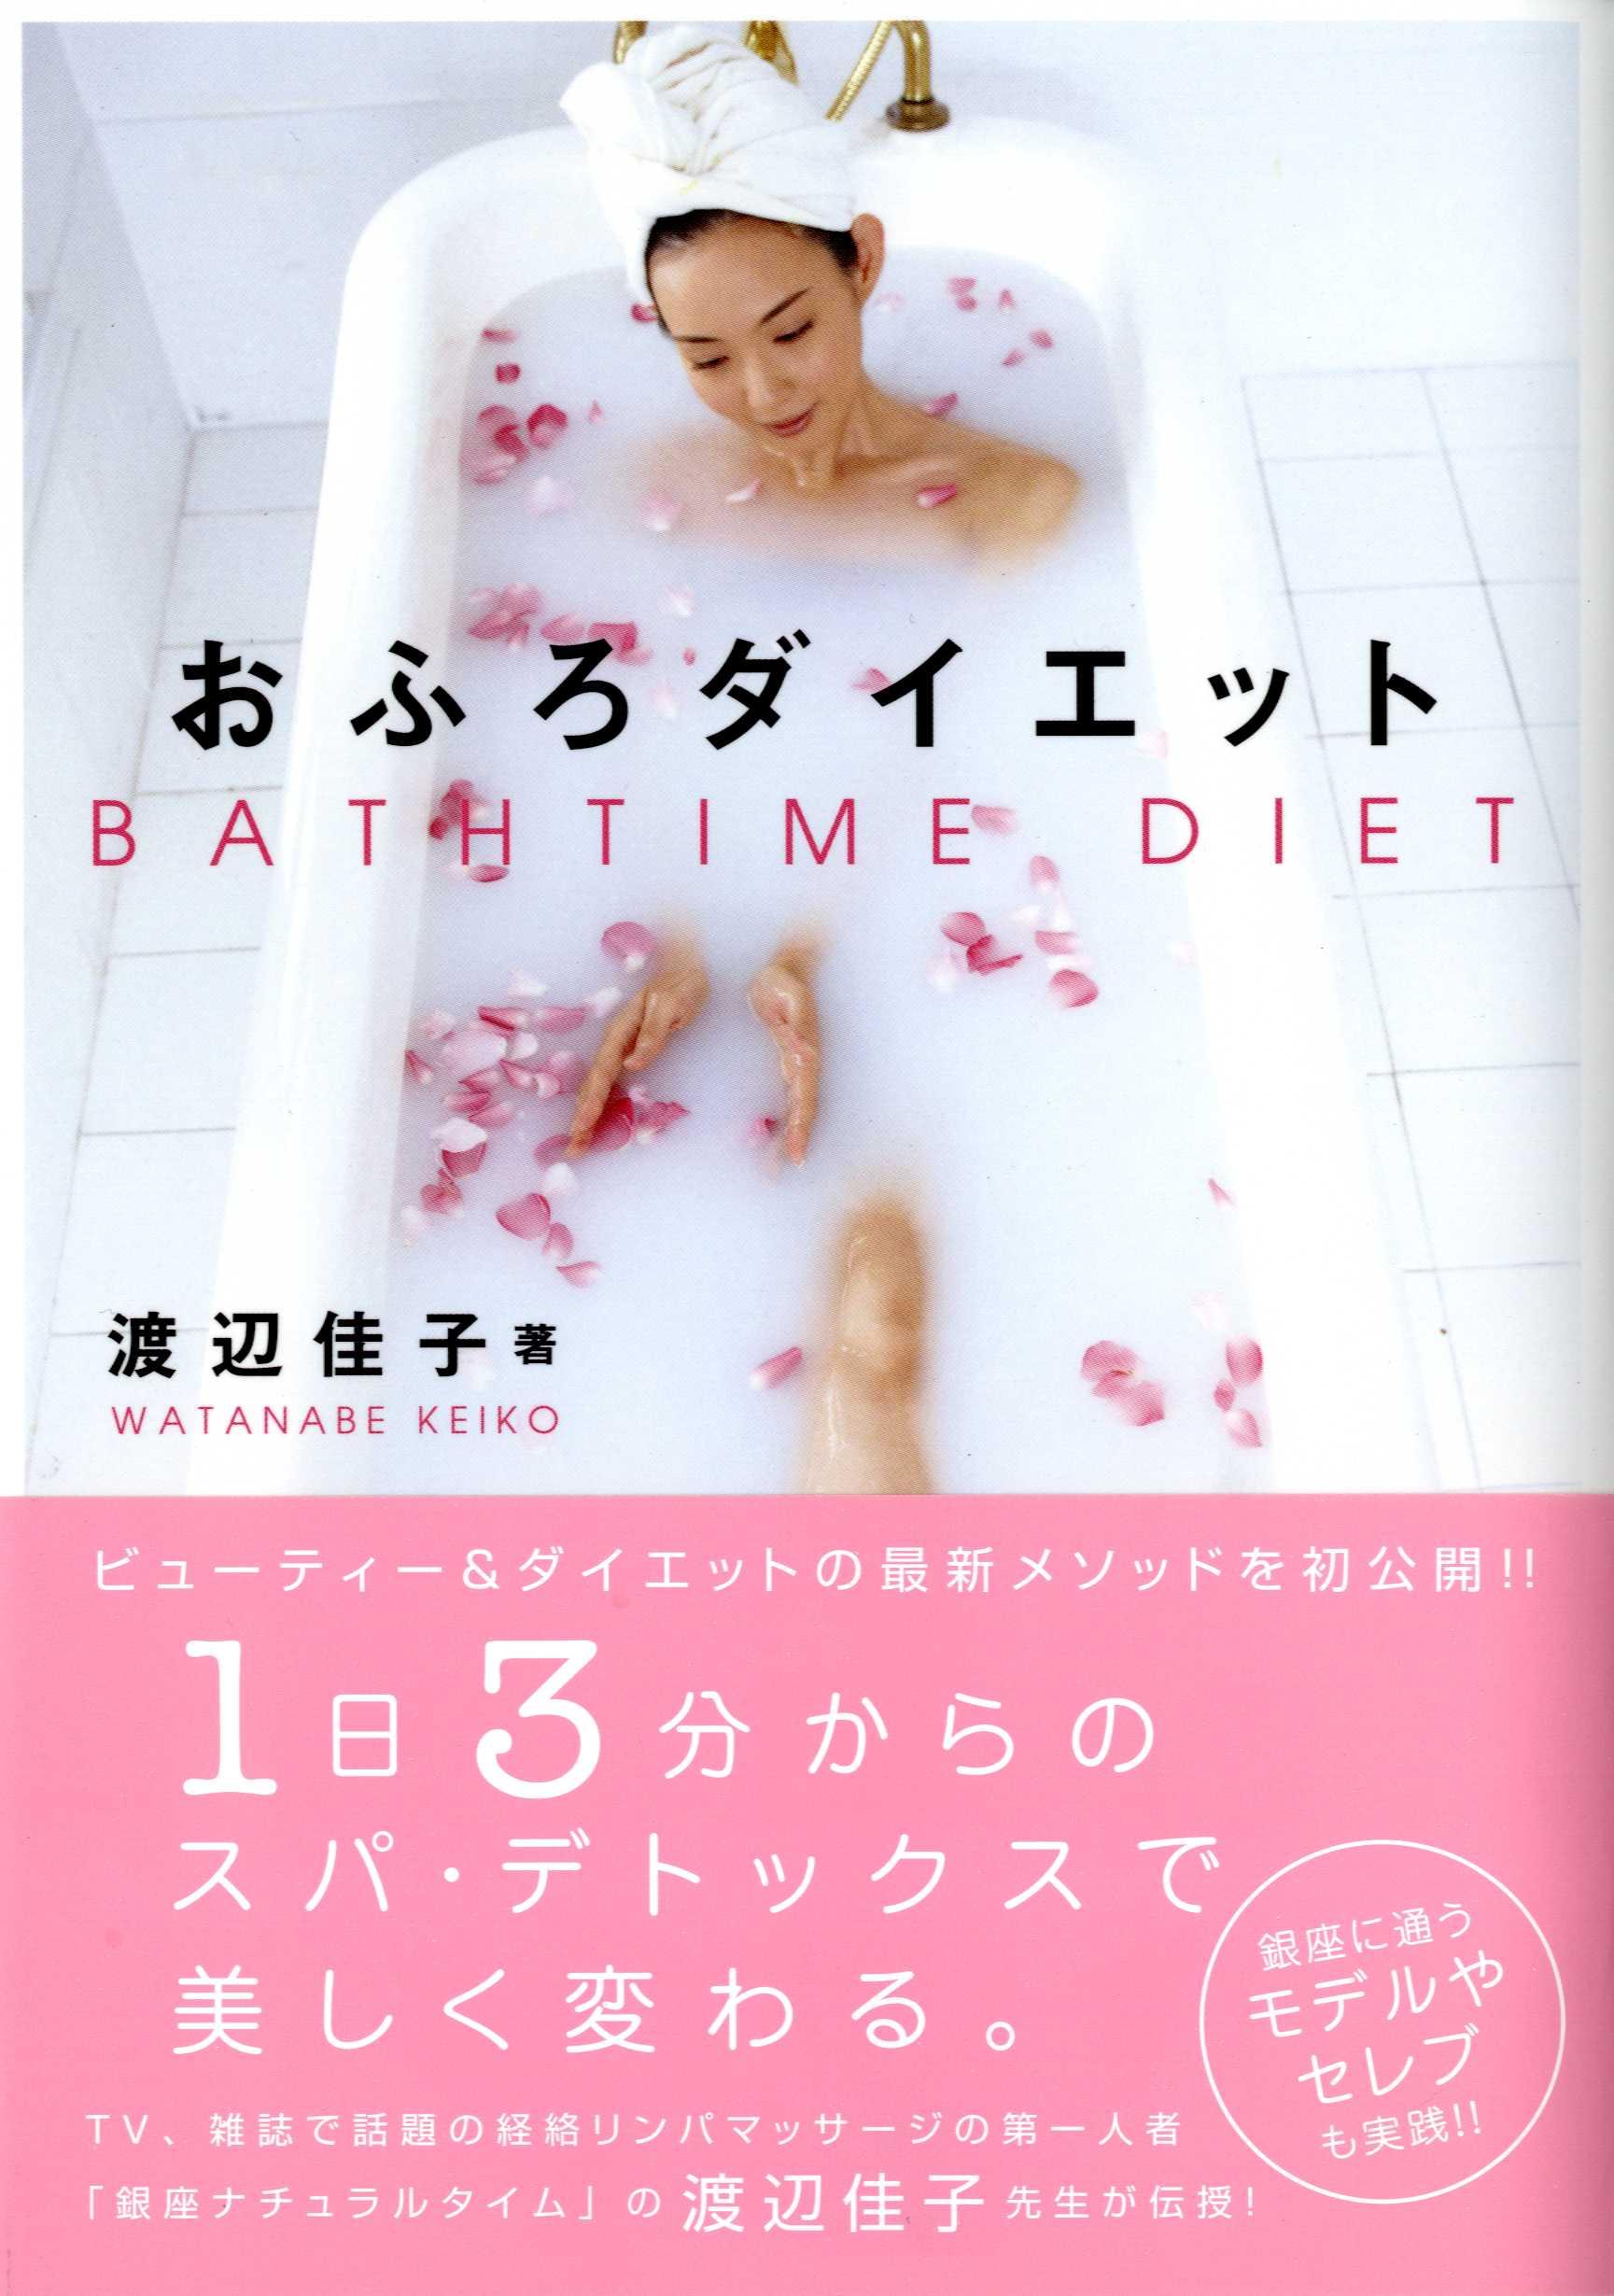 入浴の効果